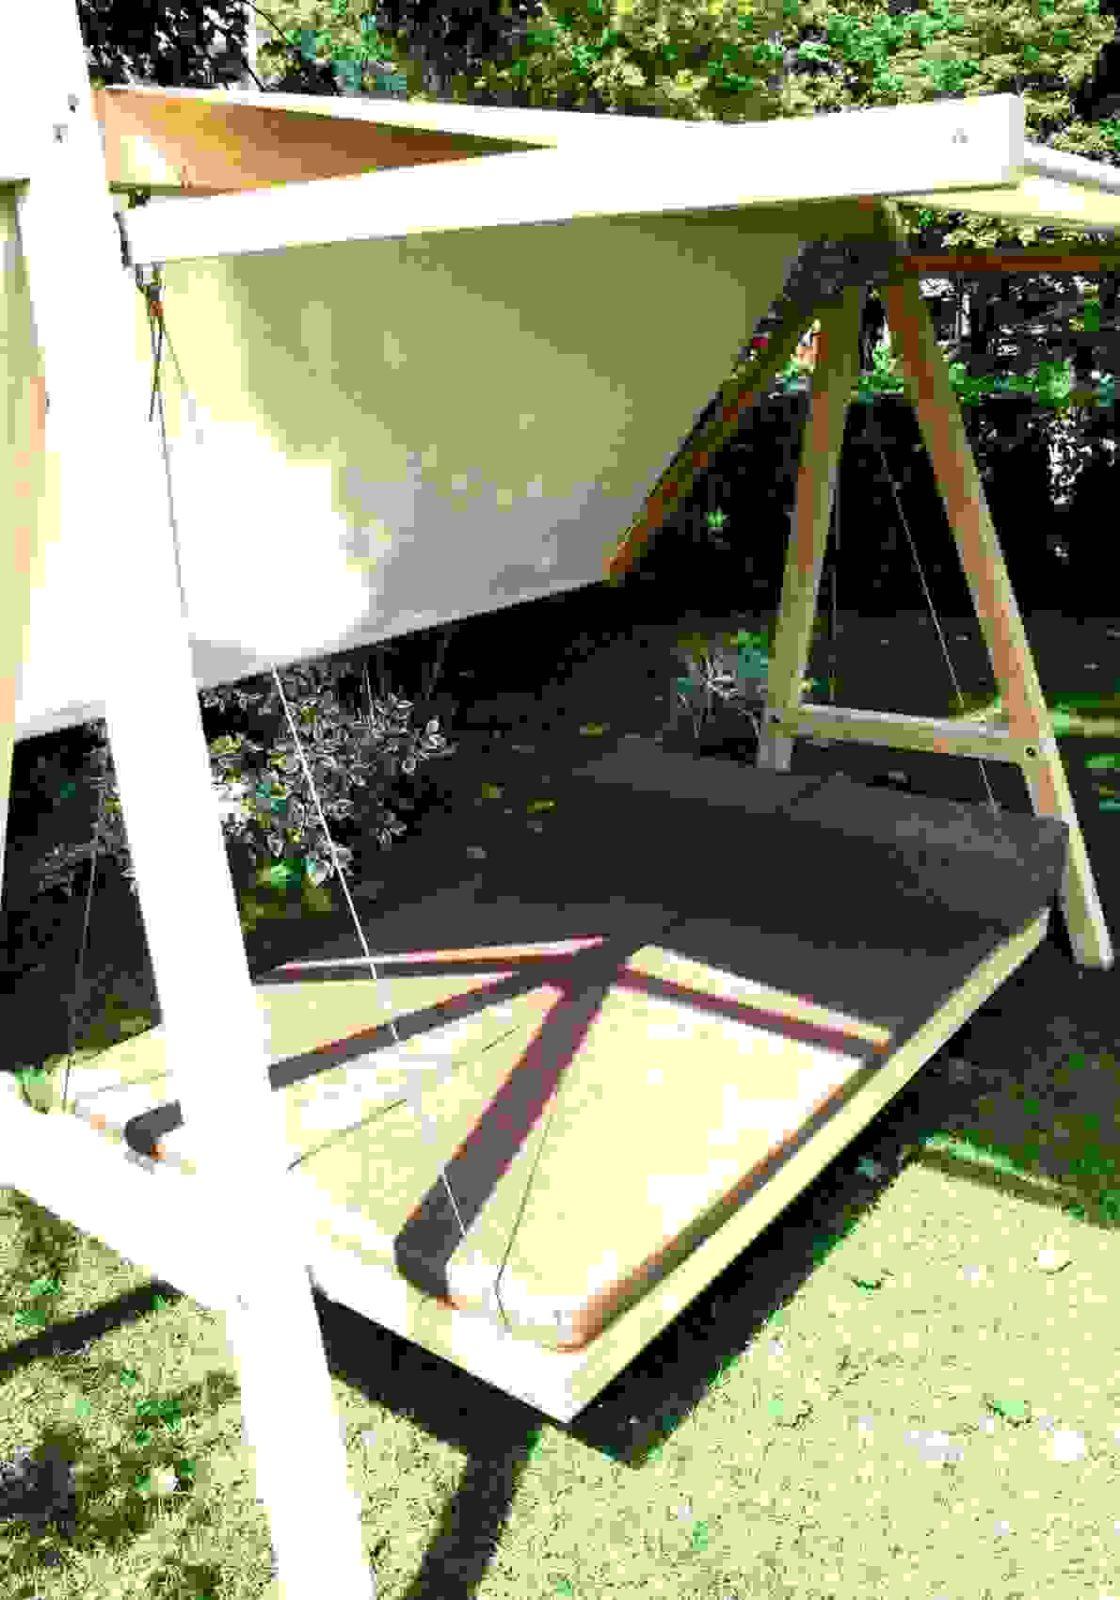 Full Size of Hollywoodschaukel Holz Selber Bauen Schaukel Neue Fenster Einbauen Küche Velux Bett Zusammenstellen Kosten Boxspring Regale Bodengleiche Dusche Nachträglich Wohnzimmer Gartenschaukel Selber Bauen